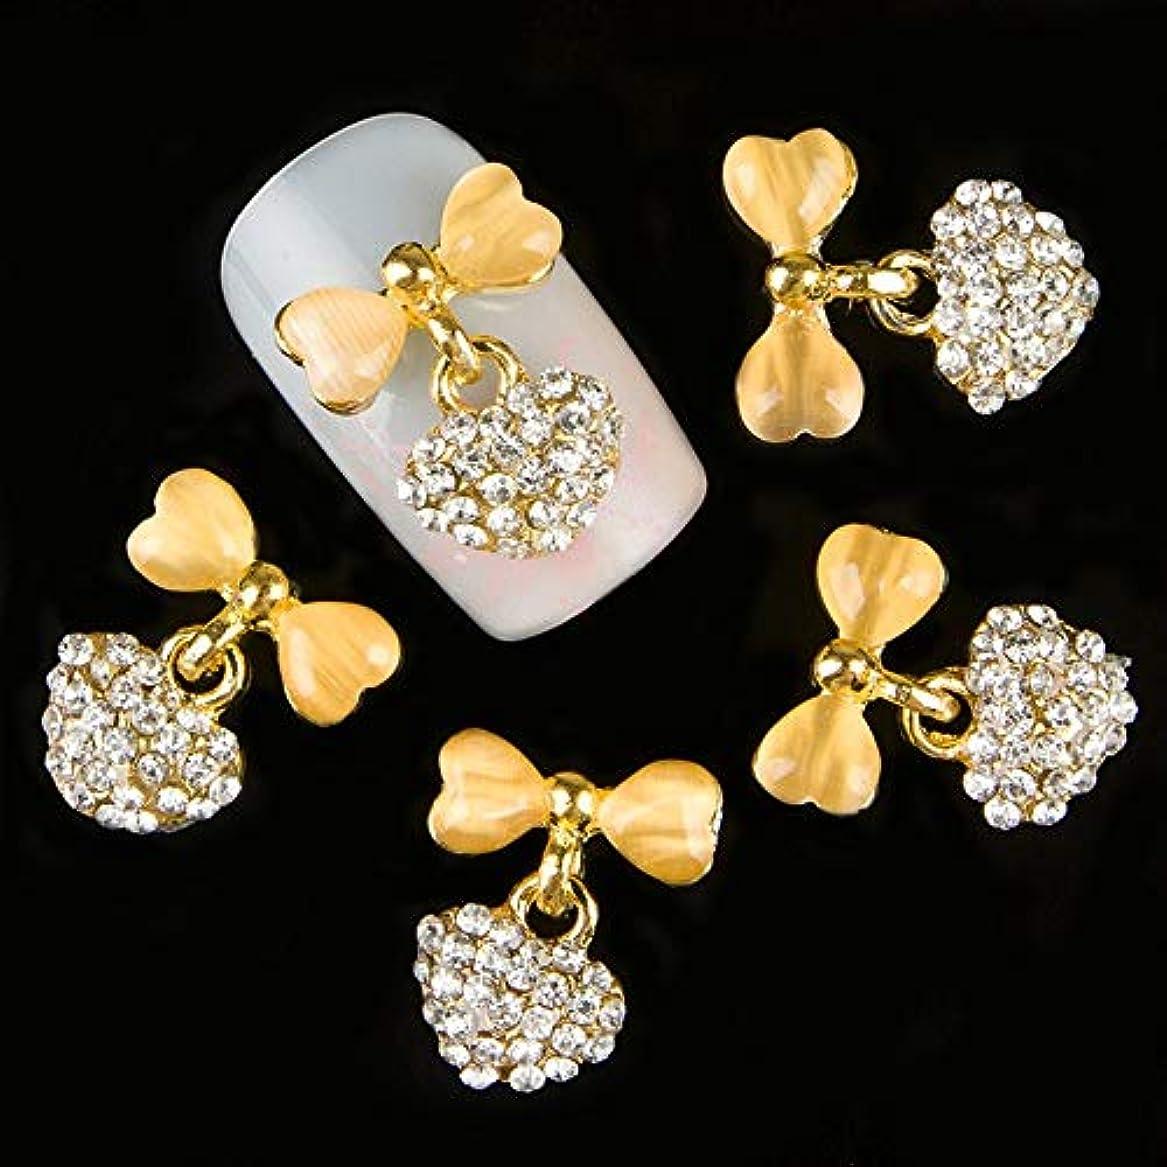 投票落ち着かない出会い10個入りの3D金の弓のきらめき宝石装飾ネイルアートのヒントデコレーションネイルスタッズラインストーン